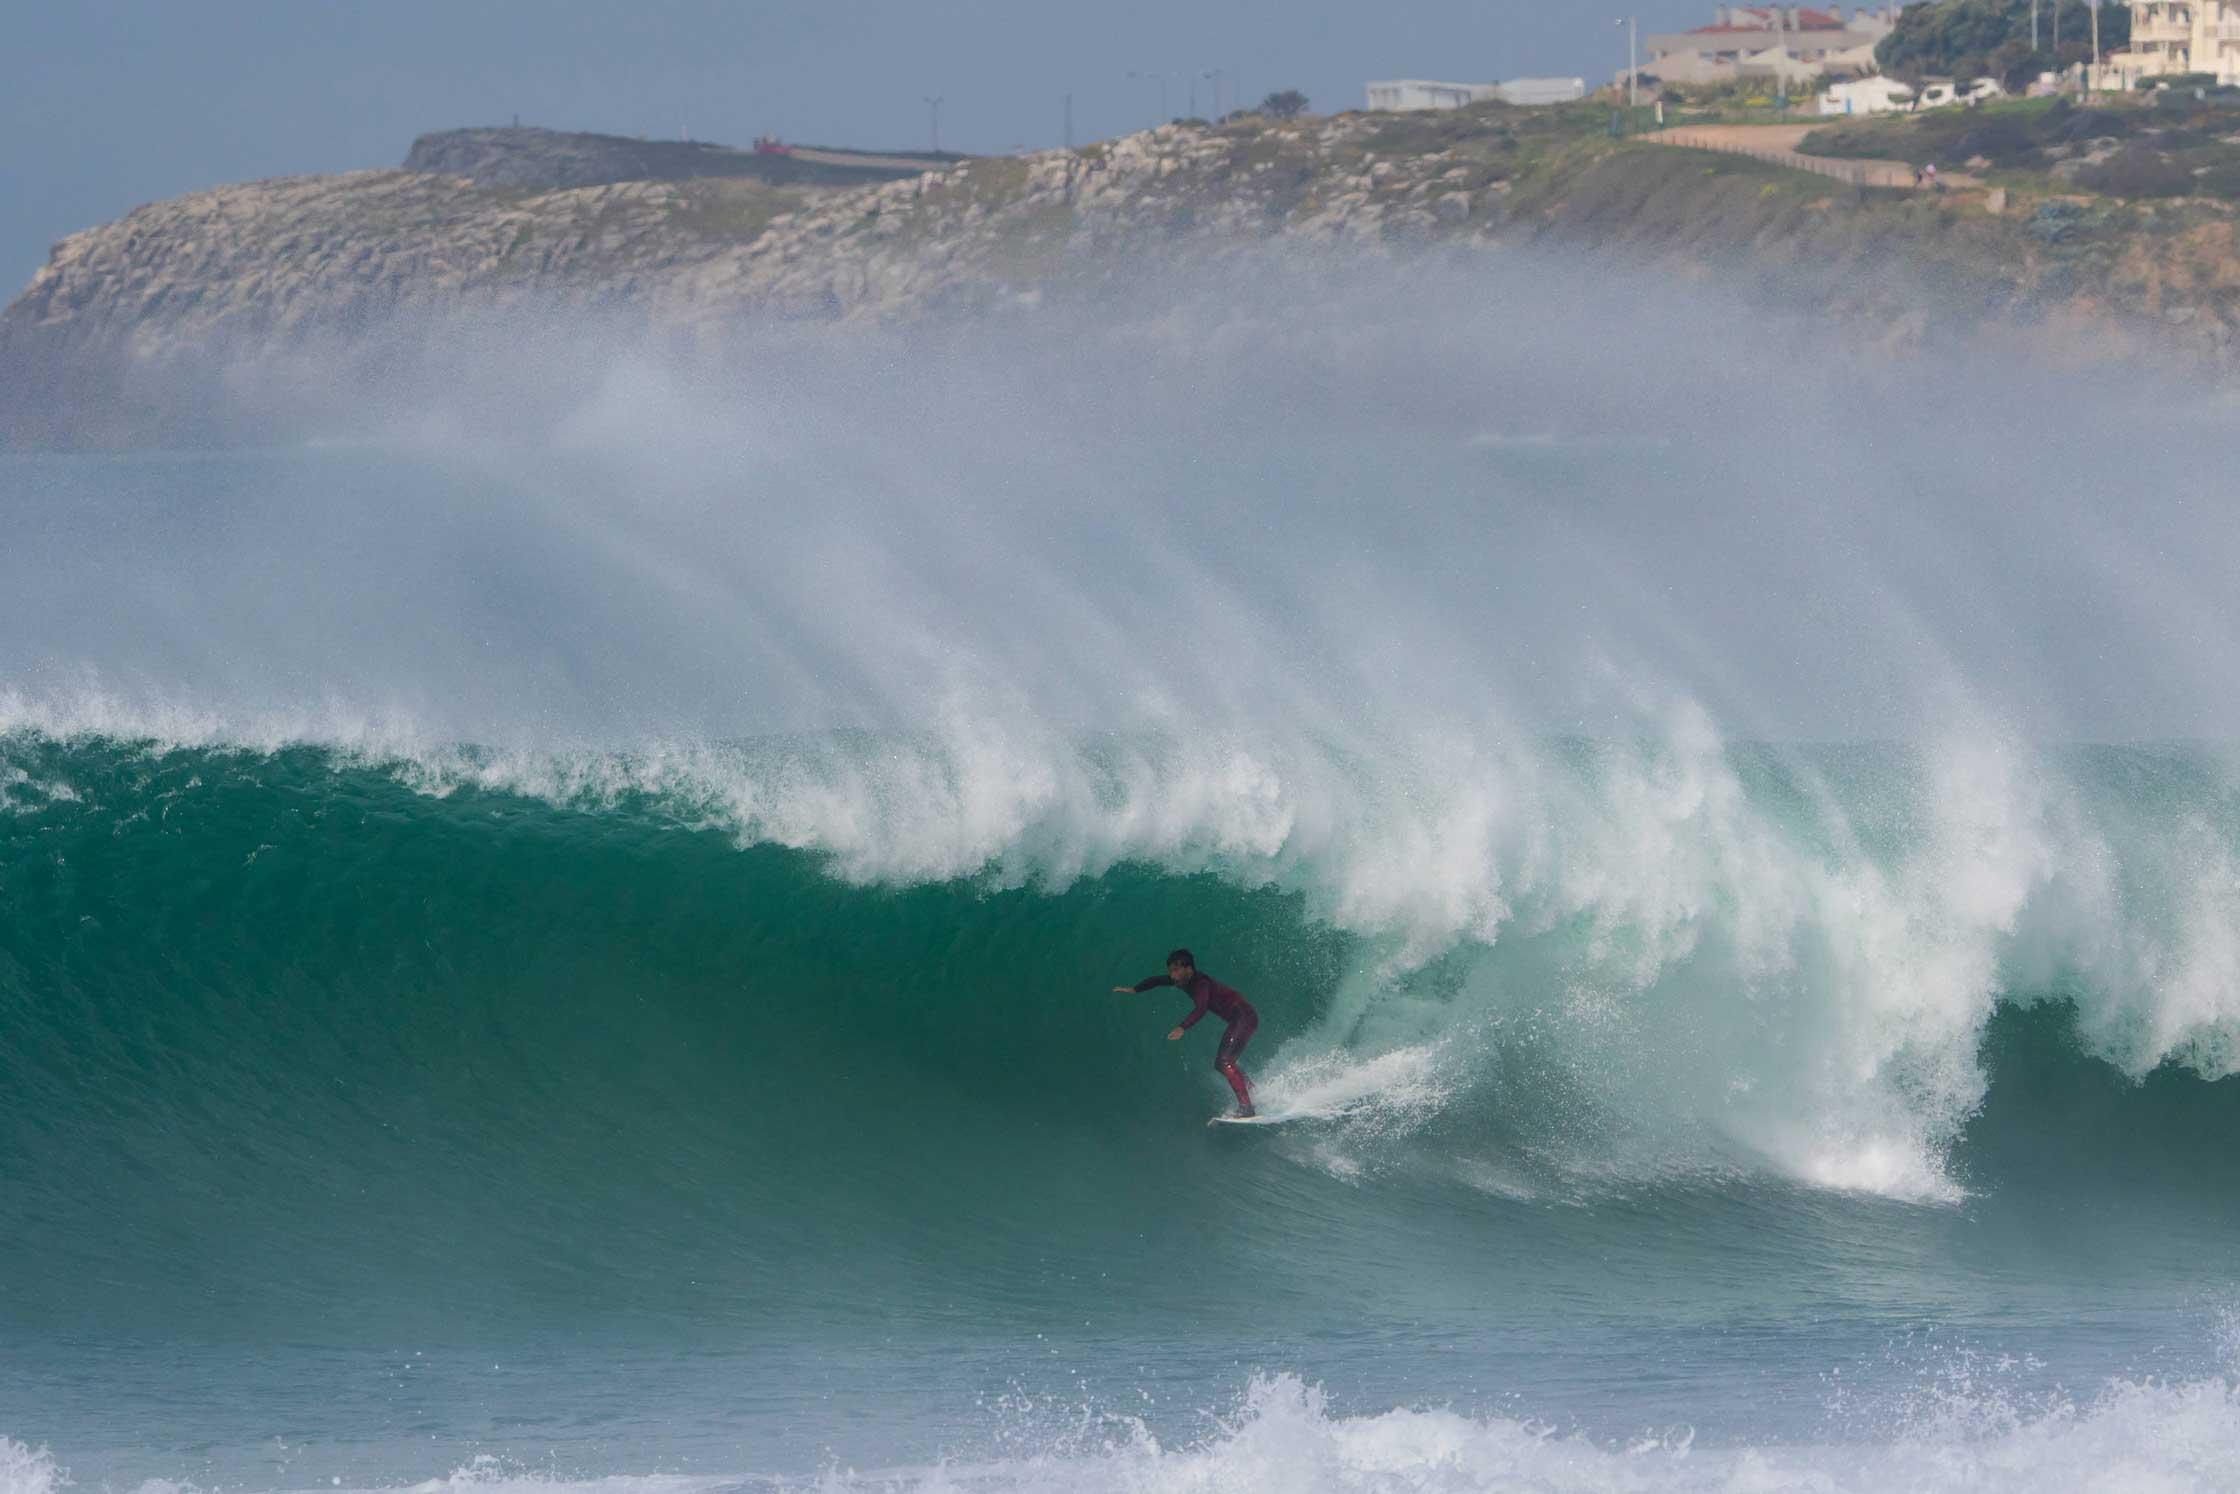 Übrigens kein leicht zu surfender Spot - eher ein Semi-Closeout, den man manchmal schaffen kann. Ein anderer als Aritz hätte aber bei dieser Welle kaum eine Chance.